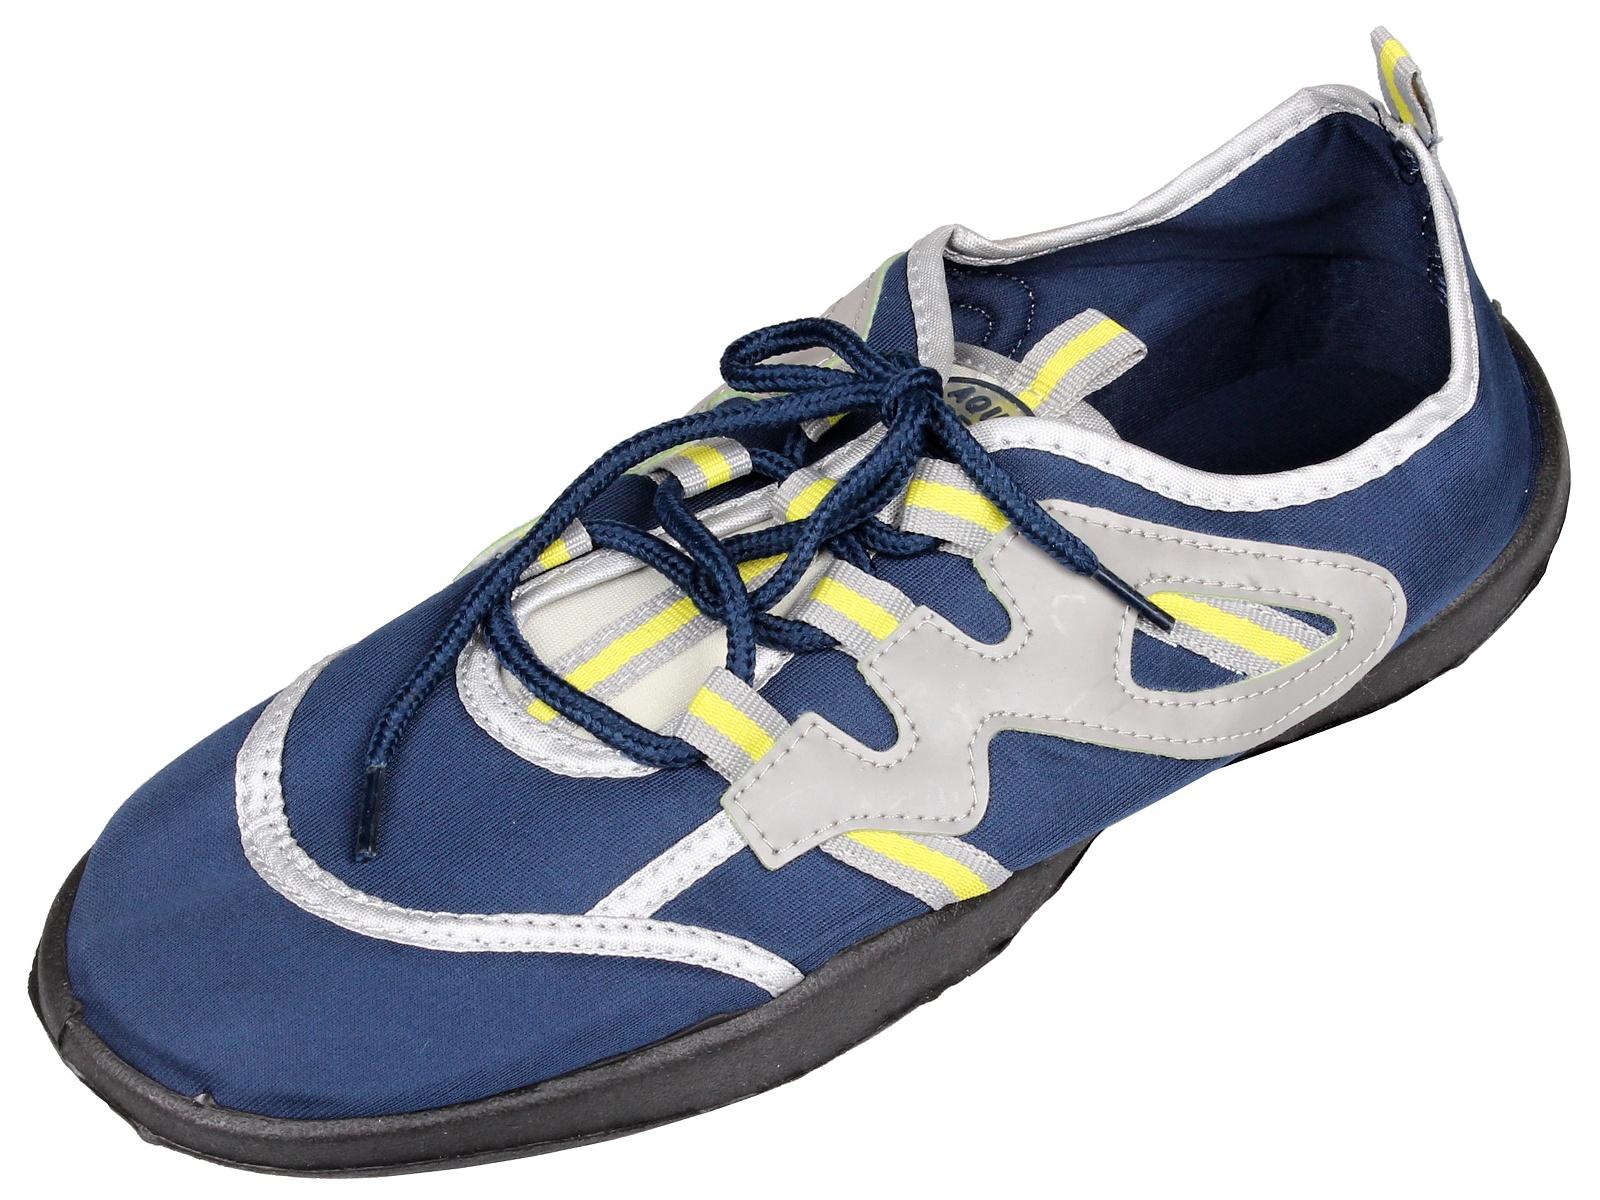 Topánky do vody AQUA-SPEED 19B - veľ. 42